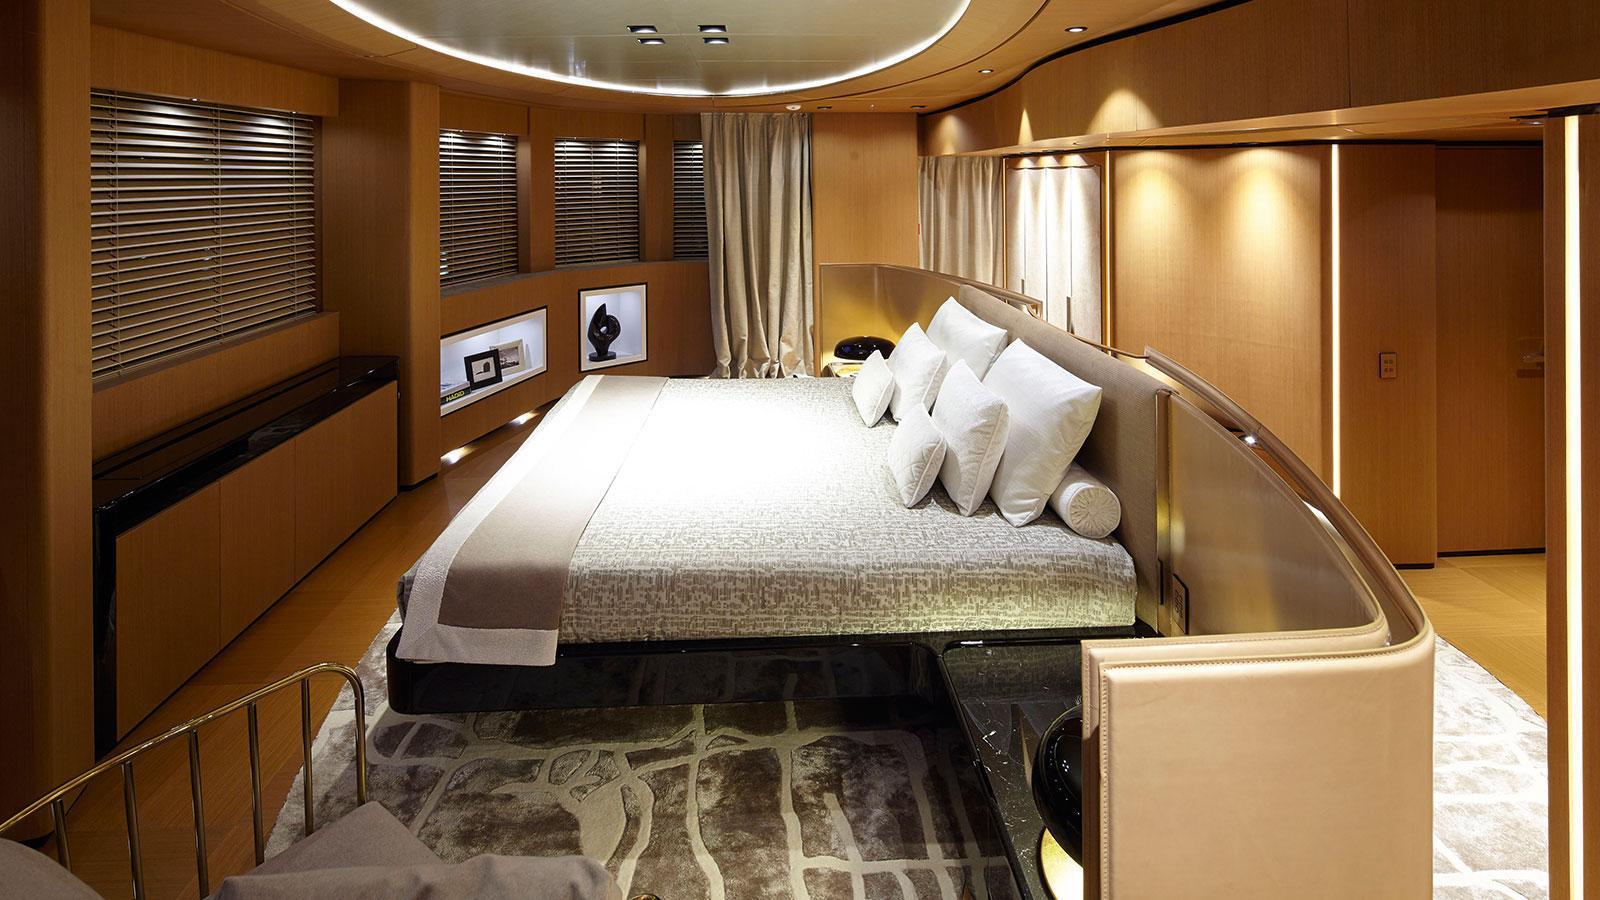 suerte-motor-yacht-tankoa-2015-69m-stateroom